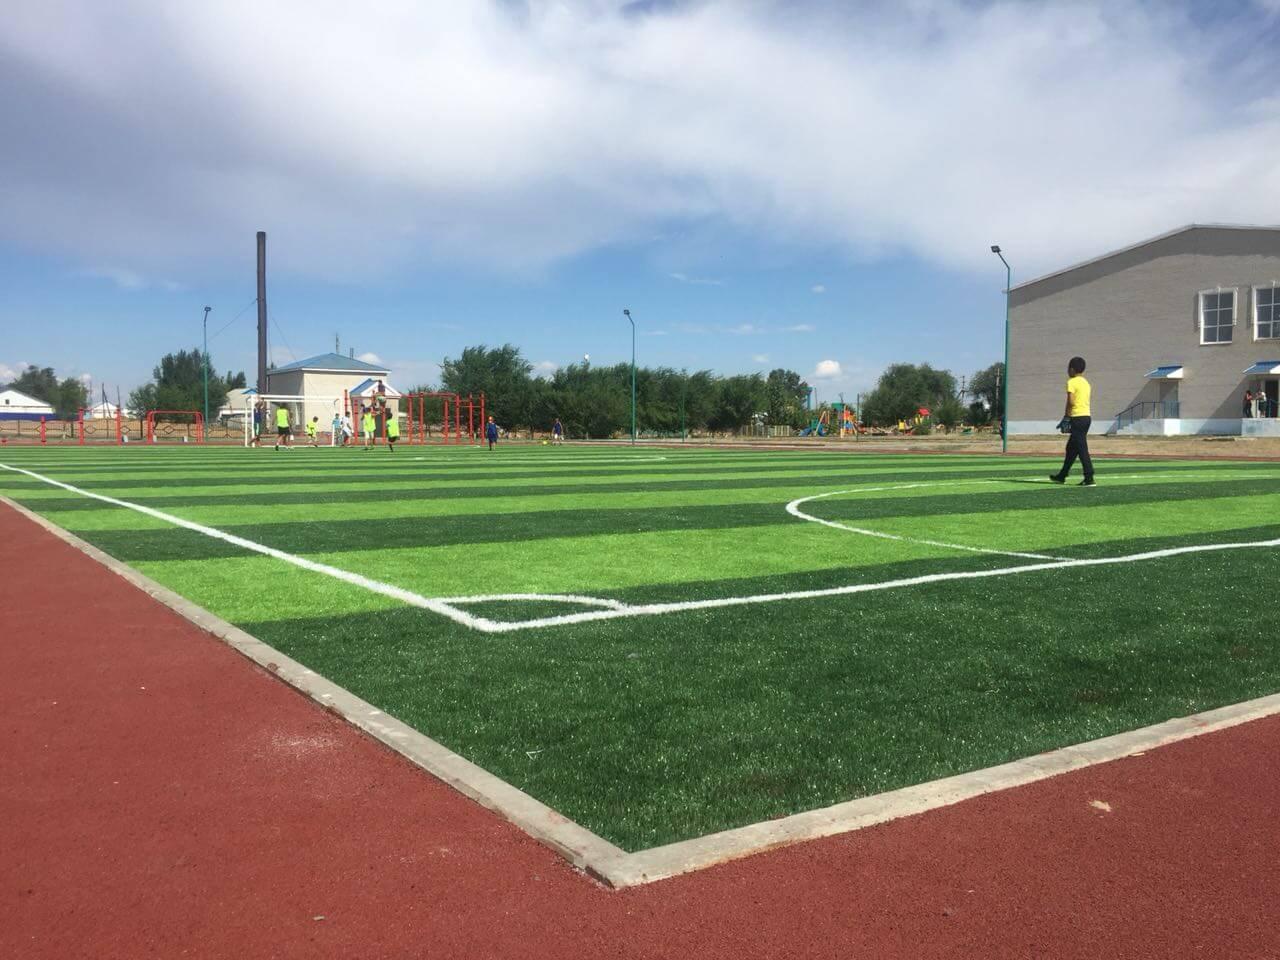 мини футбольное поле (картинка 1)